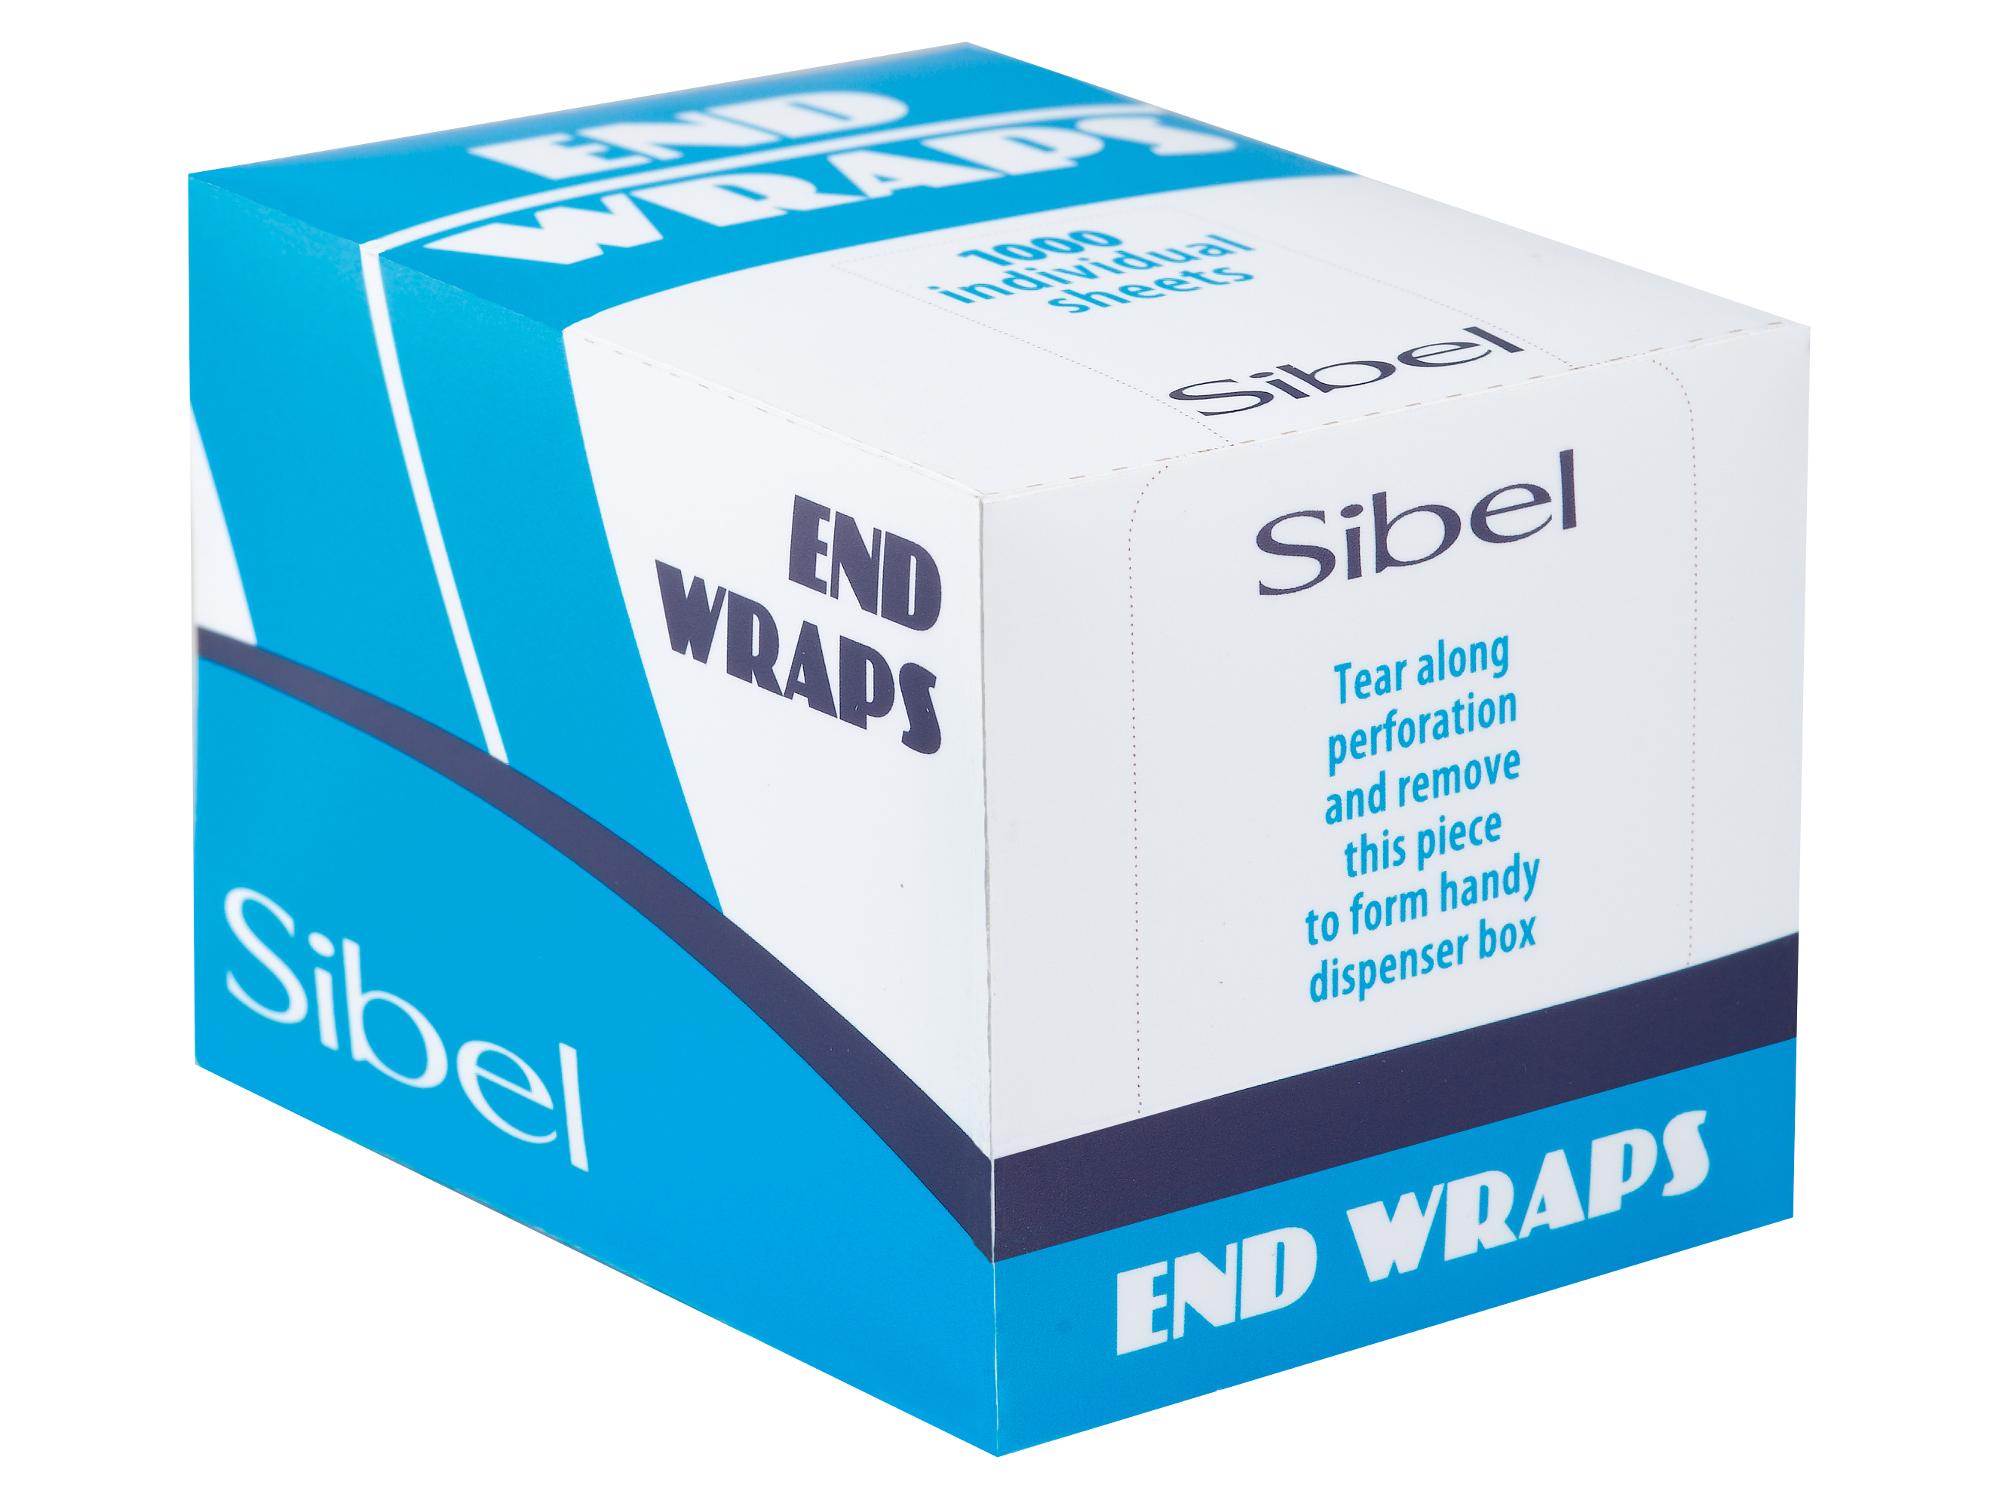 Papírky na trvalou ondulaci Sibel End Wraps, 80 x 55 mm - 1000 ks (4330331)